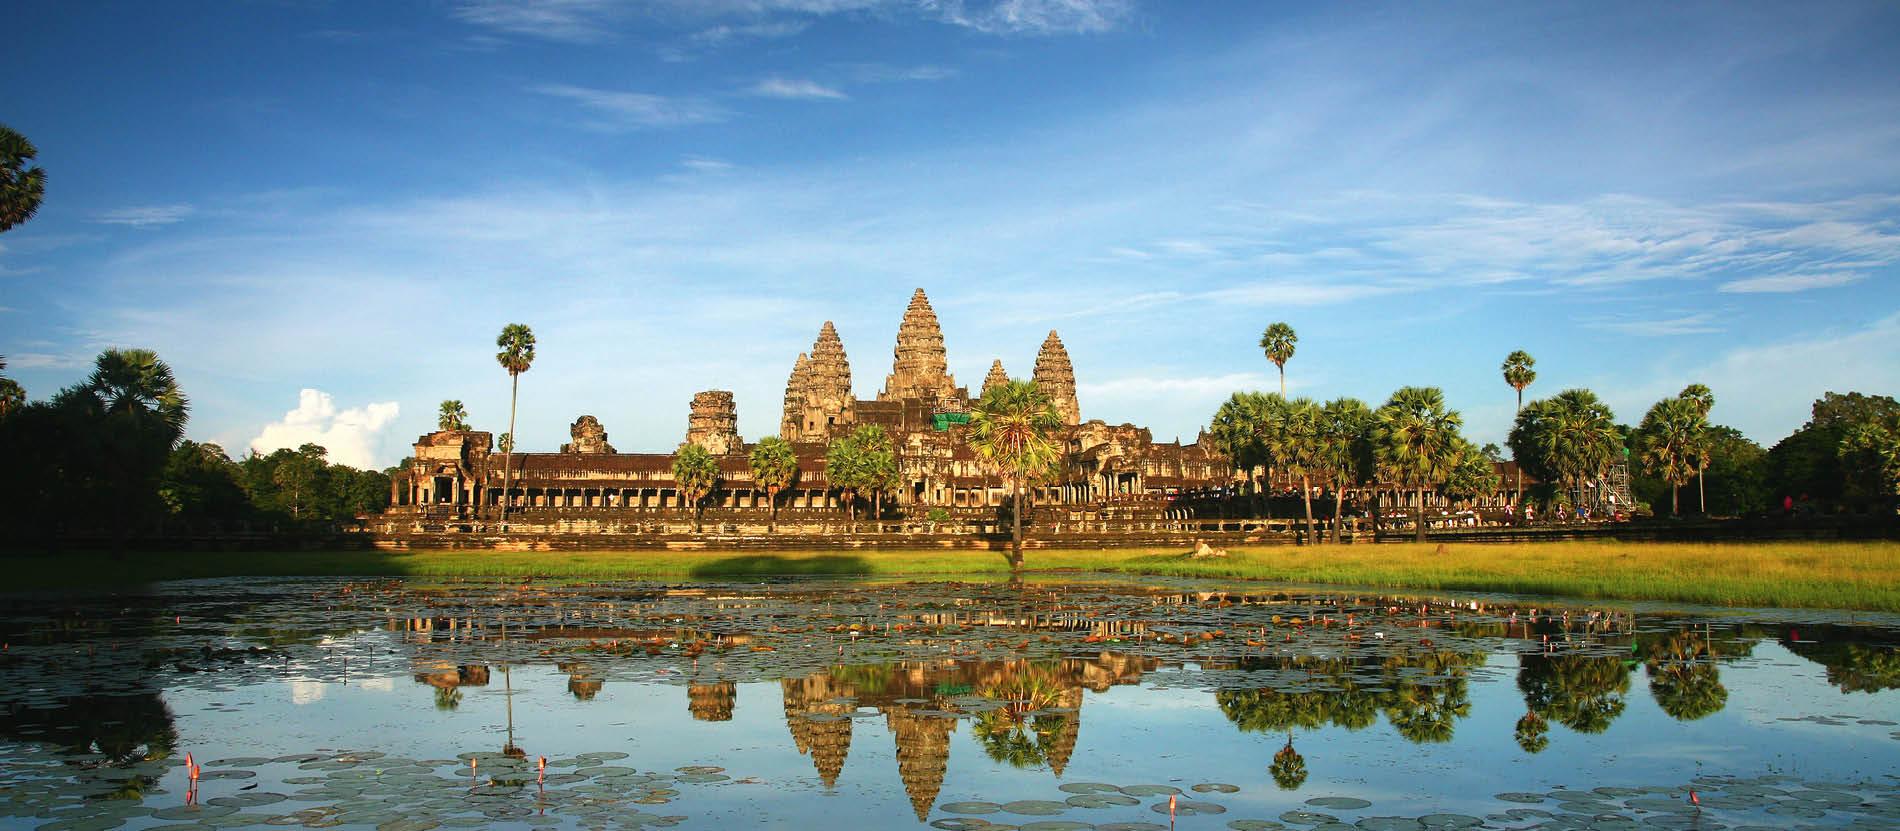 Opplev fantastiske Vietnam og Kambodsja med Angkor Wat